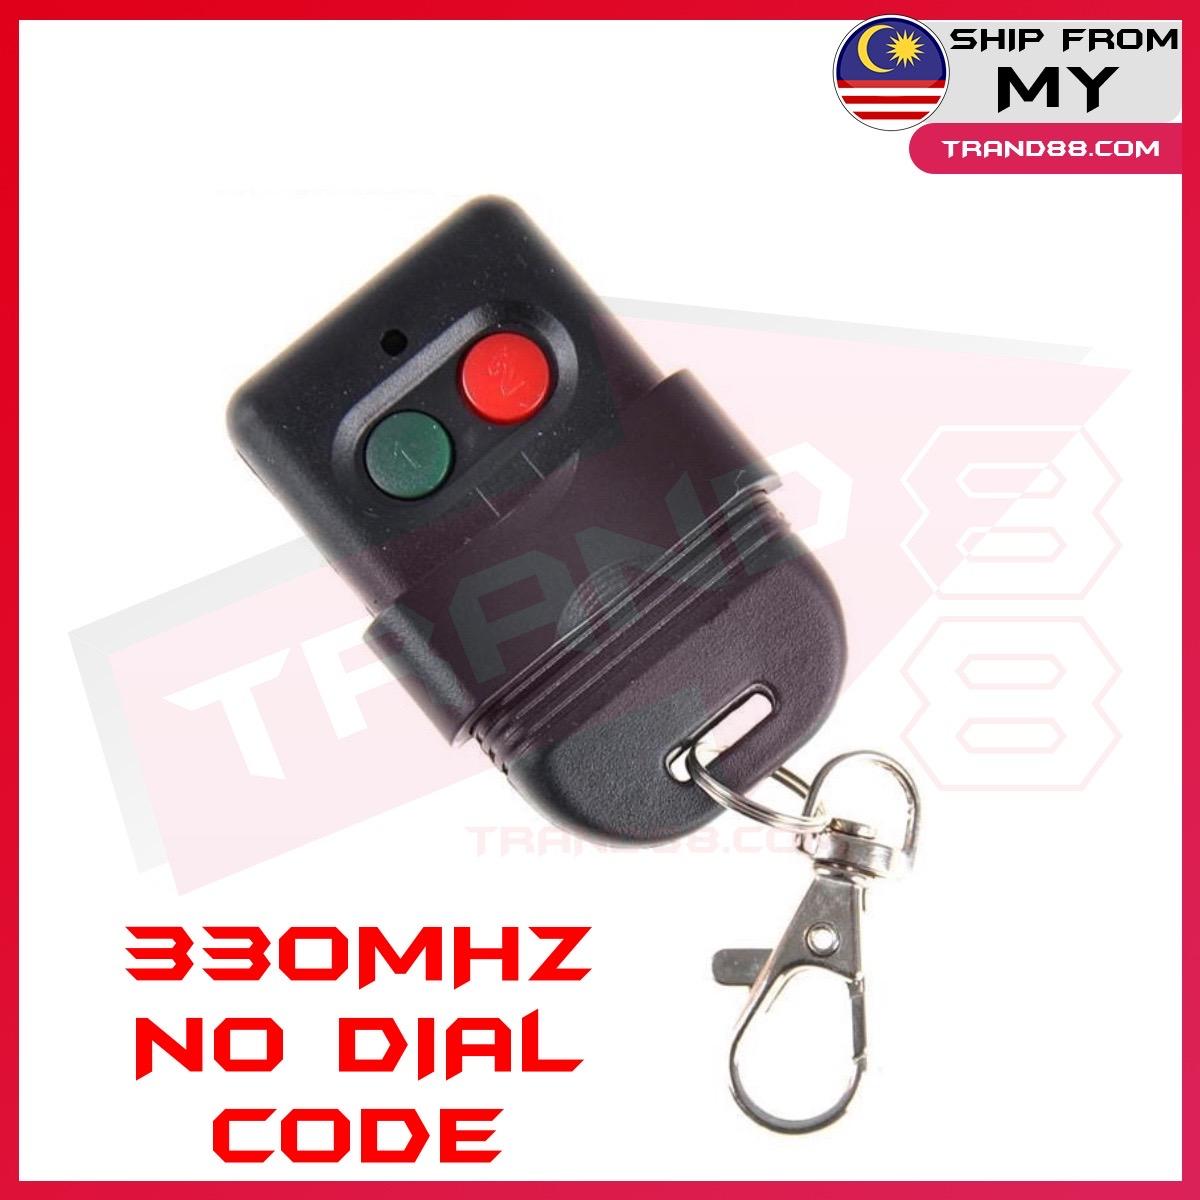 Autogate Auto Gate Door Key Remote Control SMC5326 330Mhz 433Mhz Door Remote Control